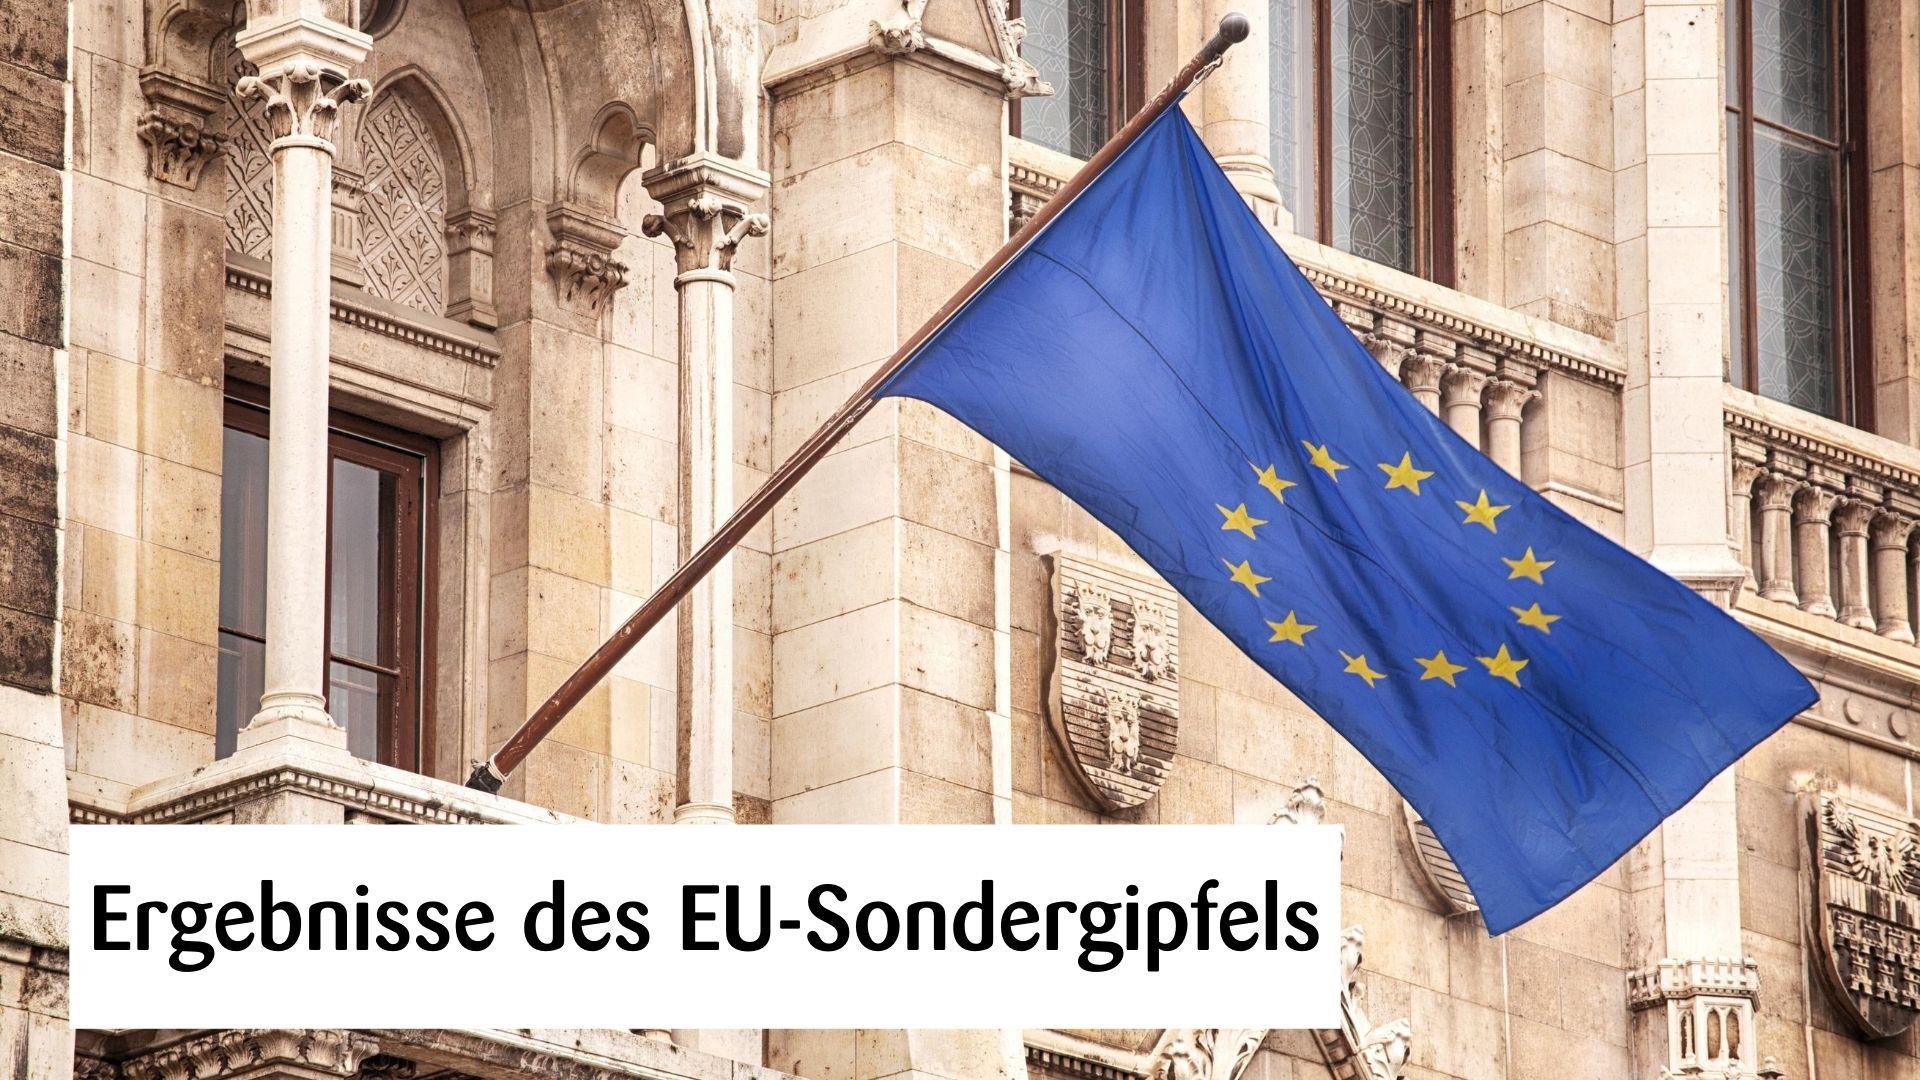 Ergebnisse des EU-Sondergipfels